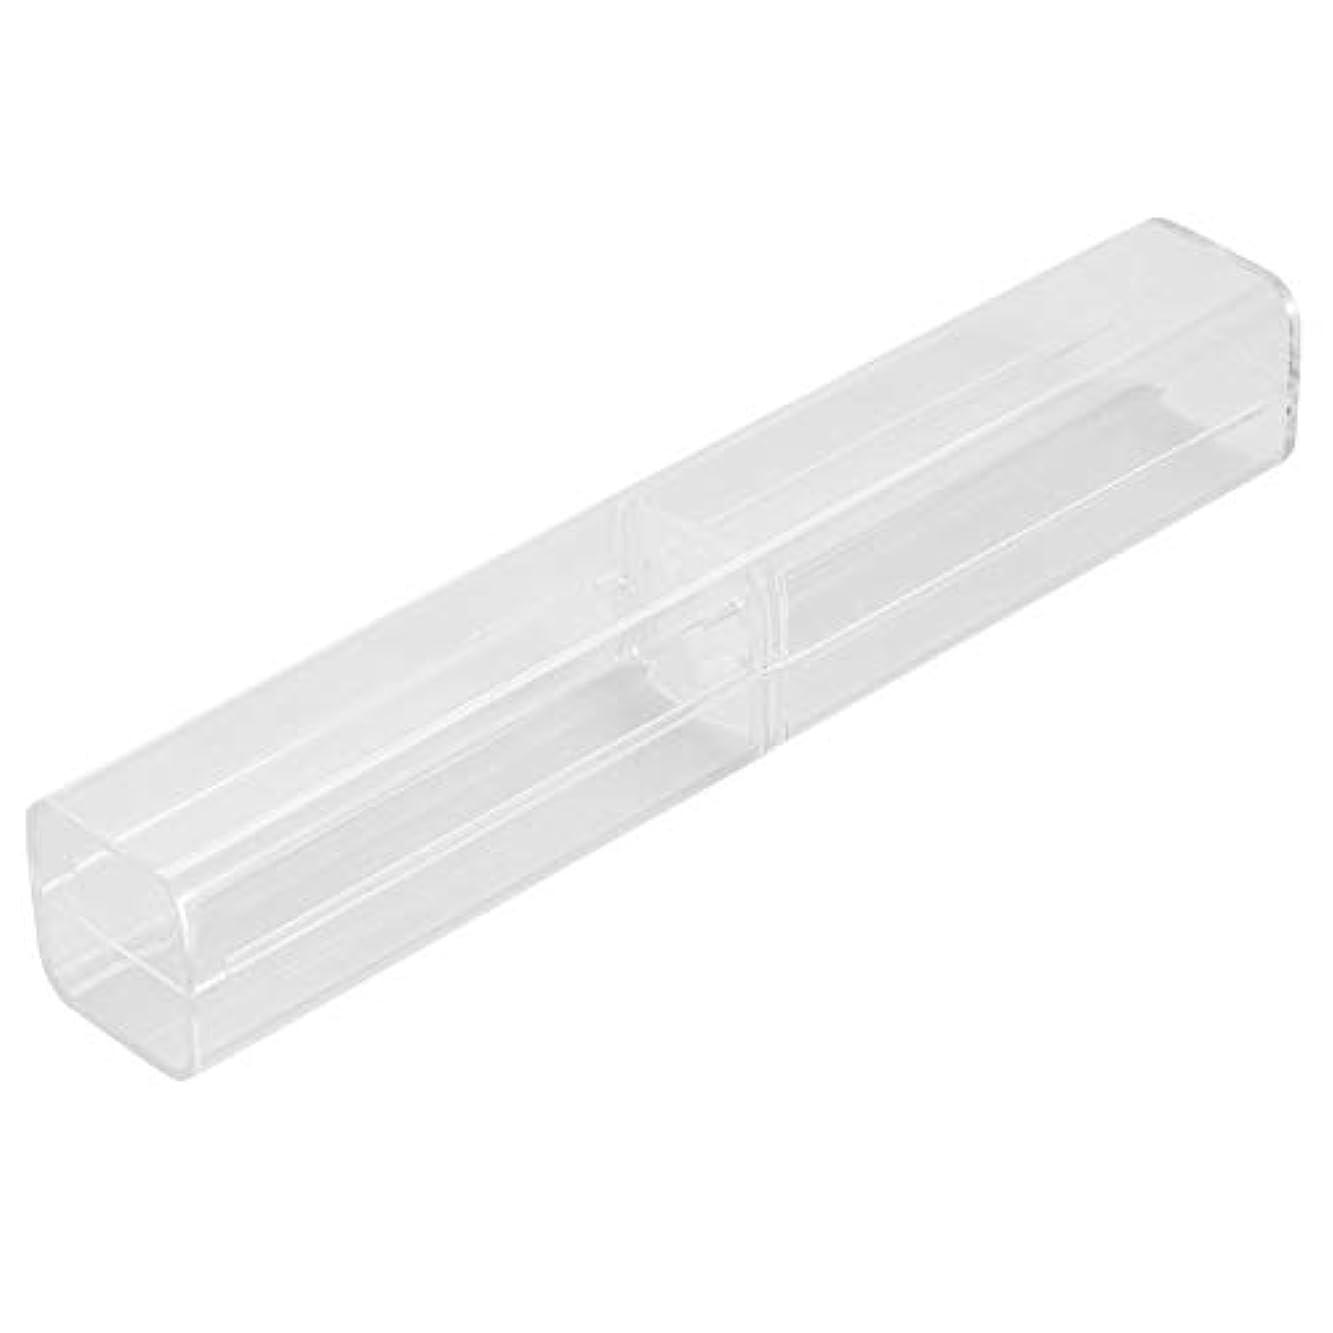 シートピラミッド体細胞1ピース収納ボックス - 手動ペン眉毛タトゥークリアケース透明収納ボックス、収納ボックス - タトゥーコンテナ